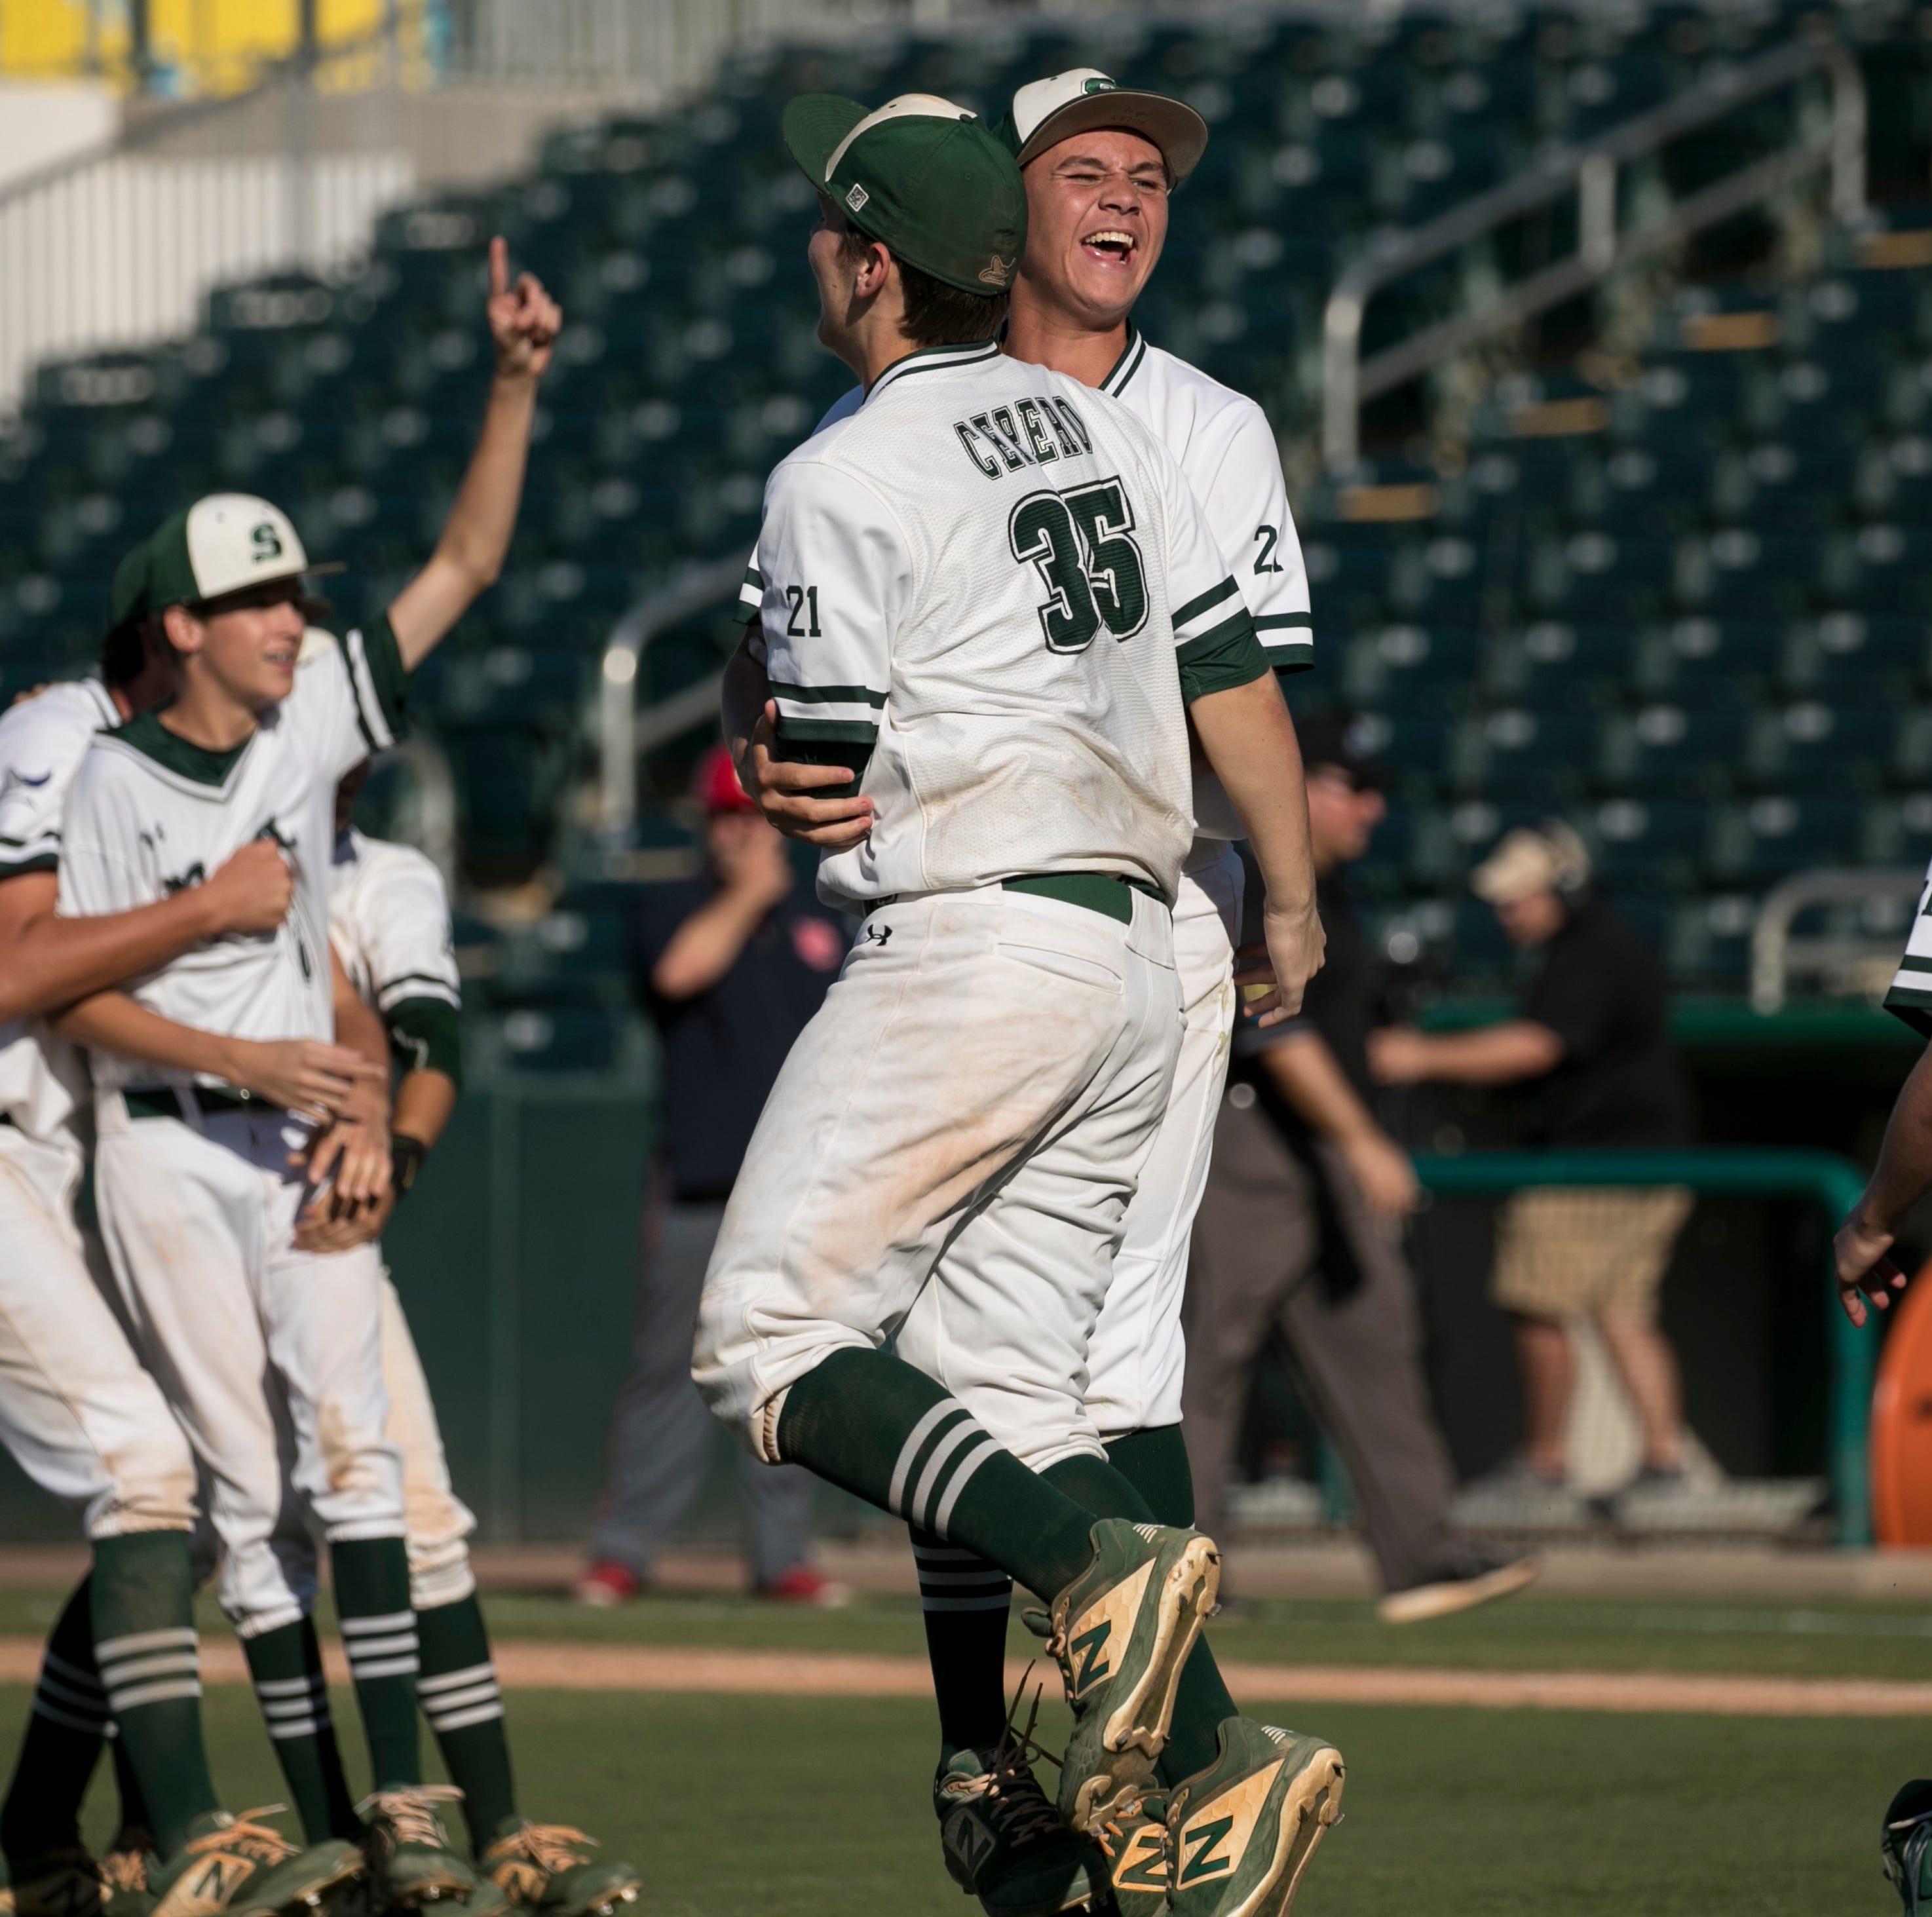 High school baseball: Seacrest advances to Class 2A state final